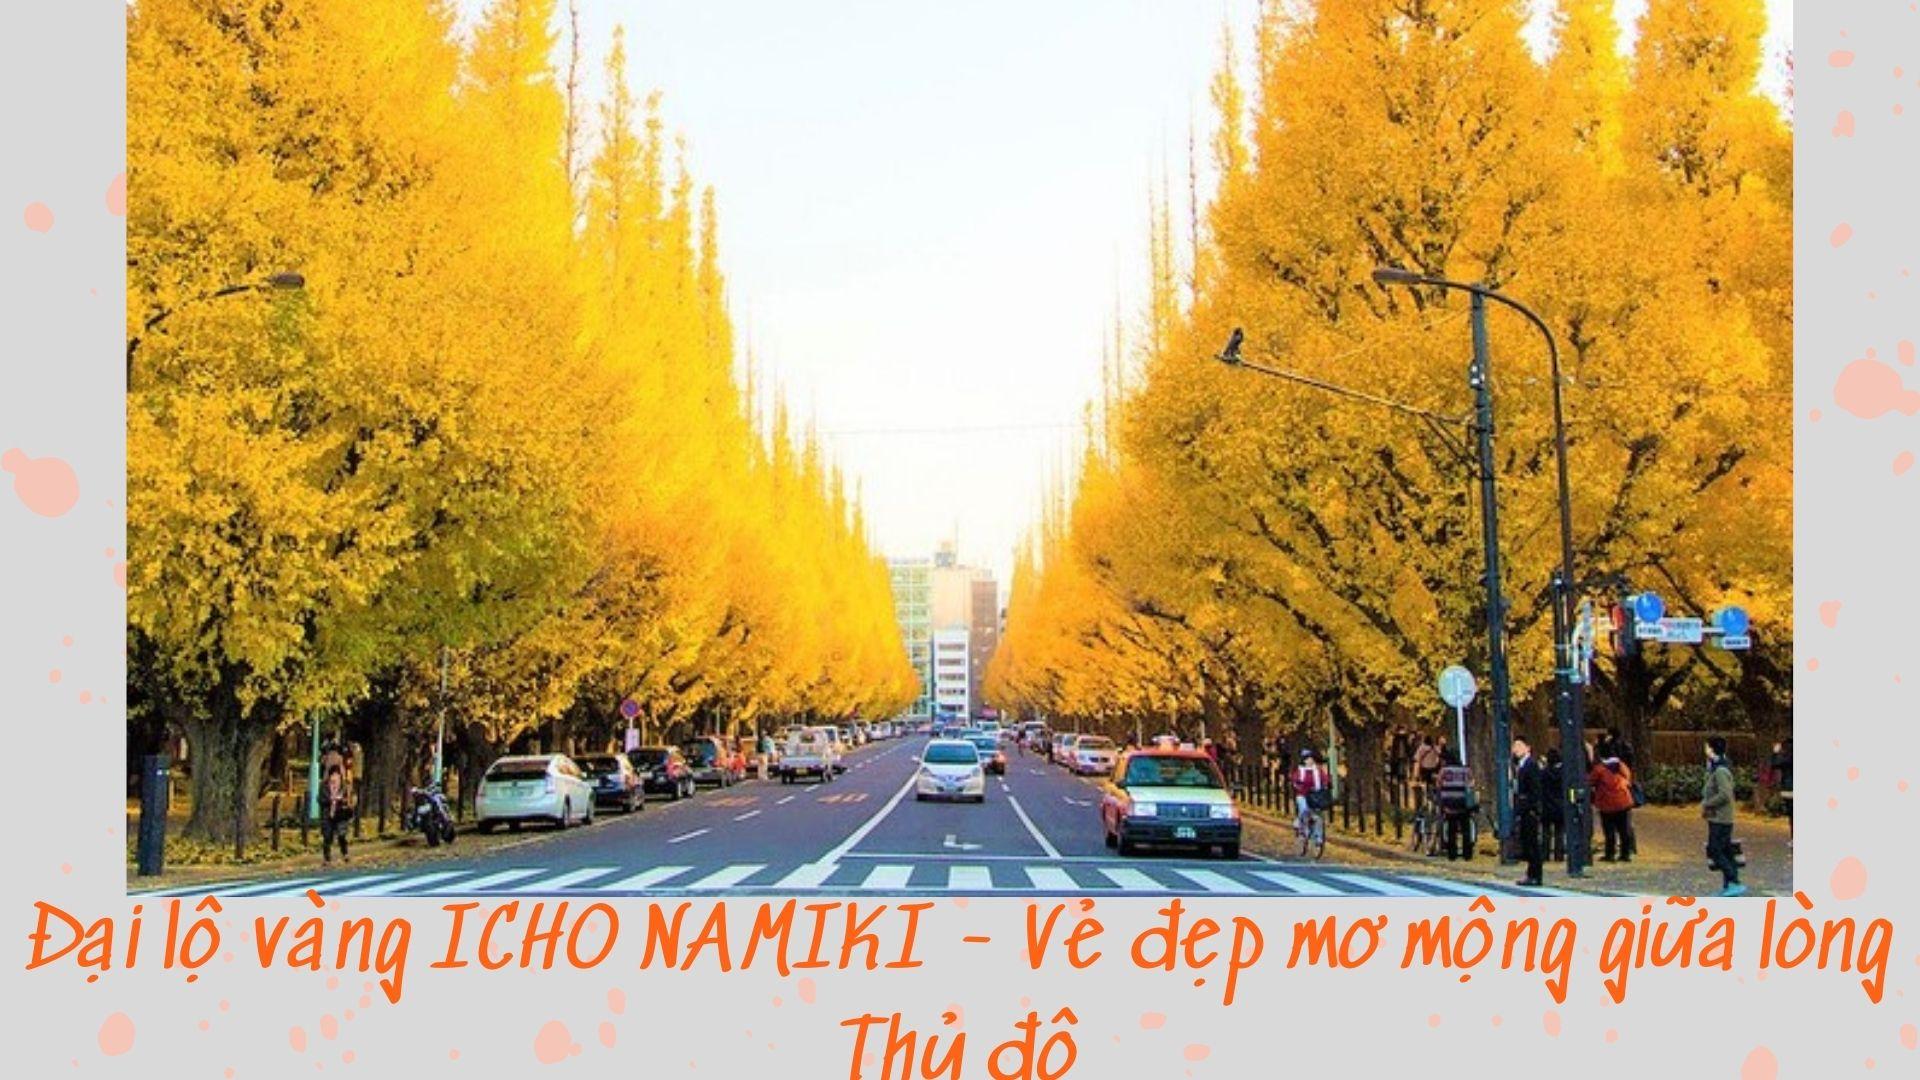 Đại lộ vàng ICHO NAMIKI - Vẻ đẹp lãng mạn, mơ mộng giữa lòng Tokyo